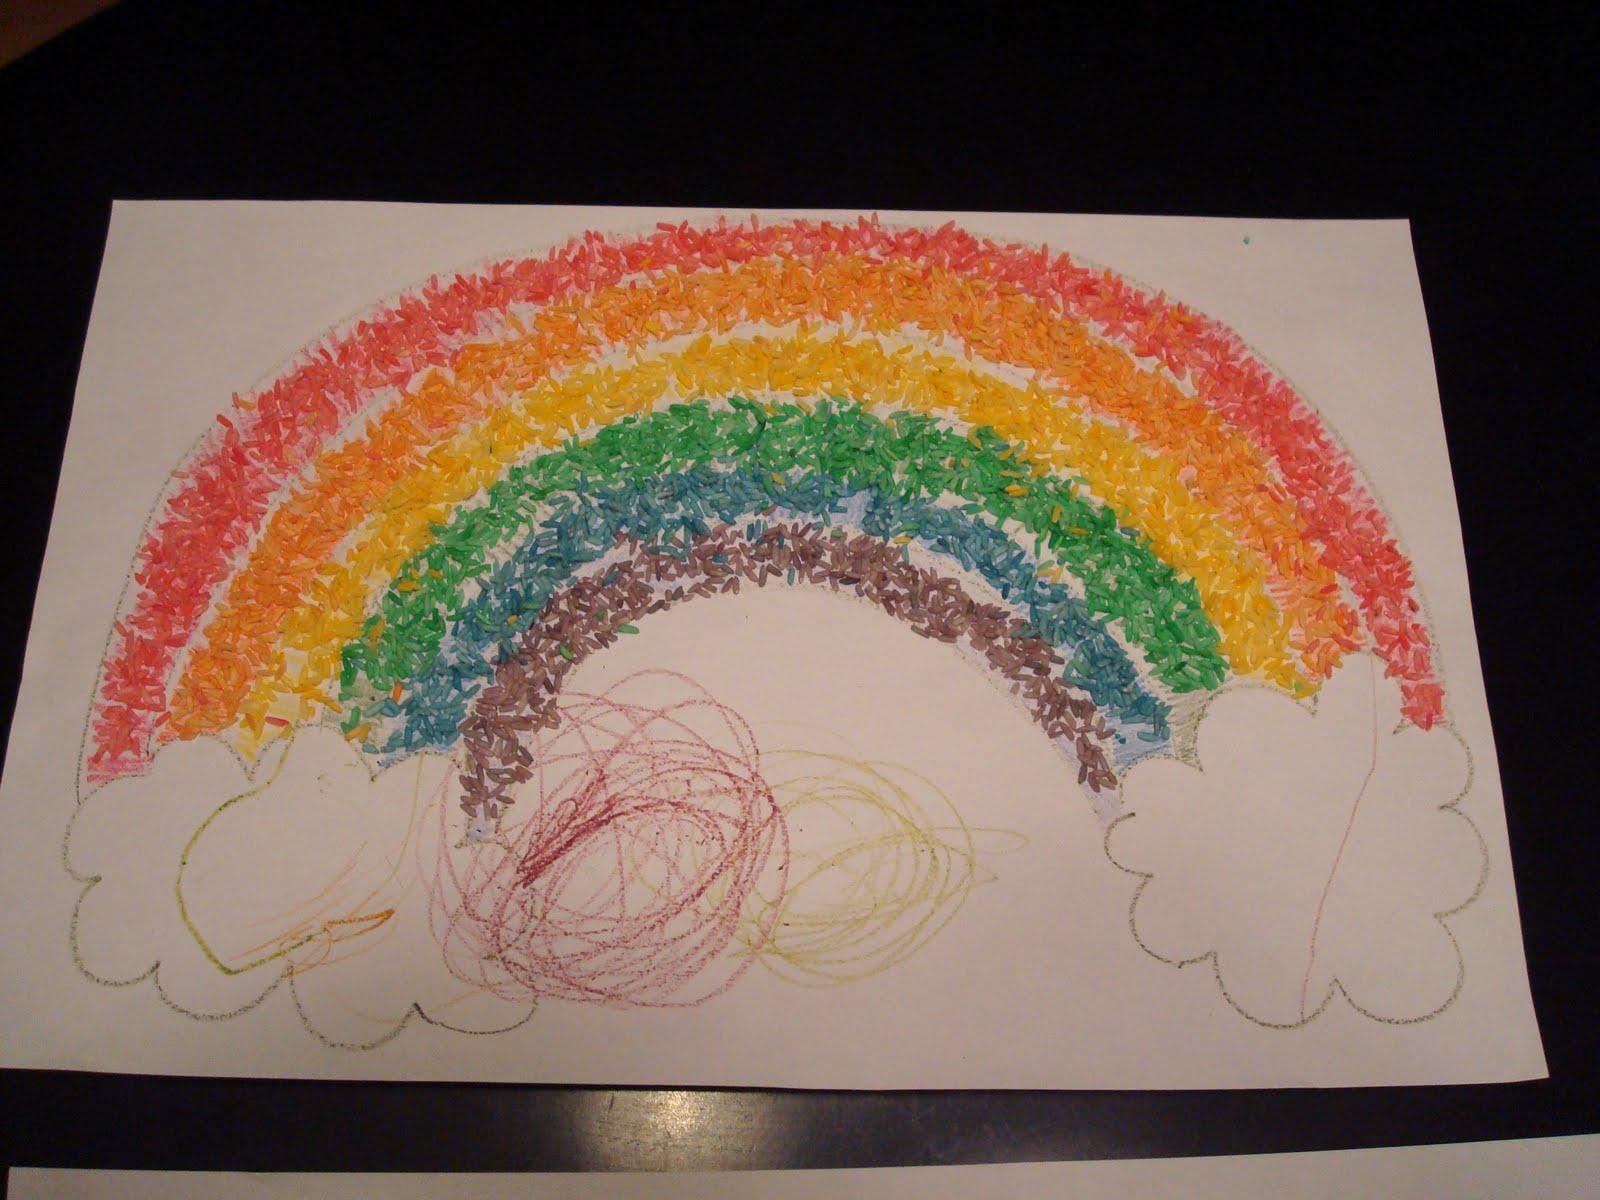 Как сделать радугу дома своими руками: эксперимент для детей 2